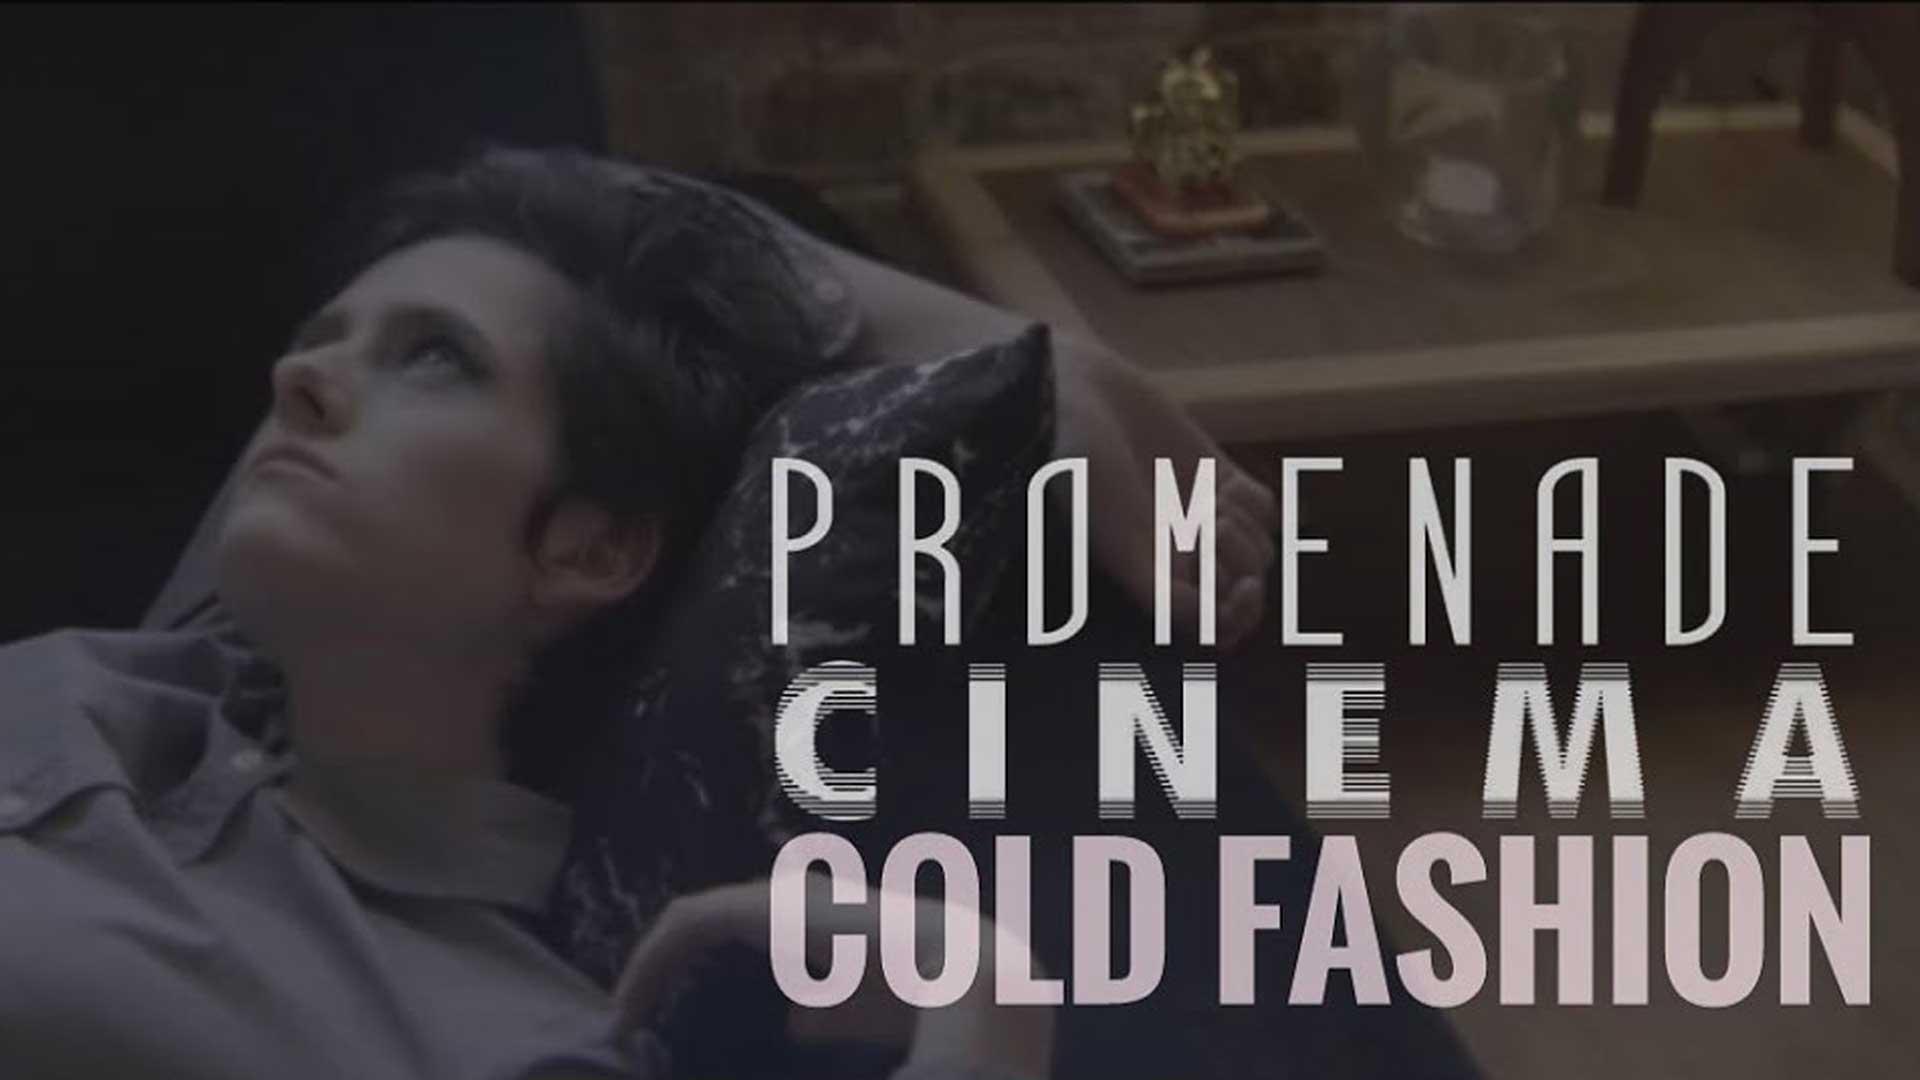 Promenade Cinema - Cold Fashion